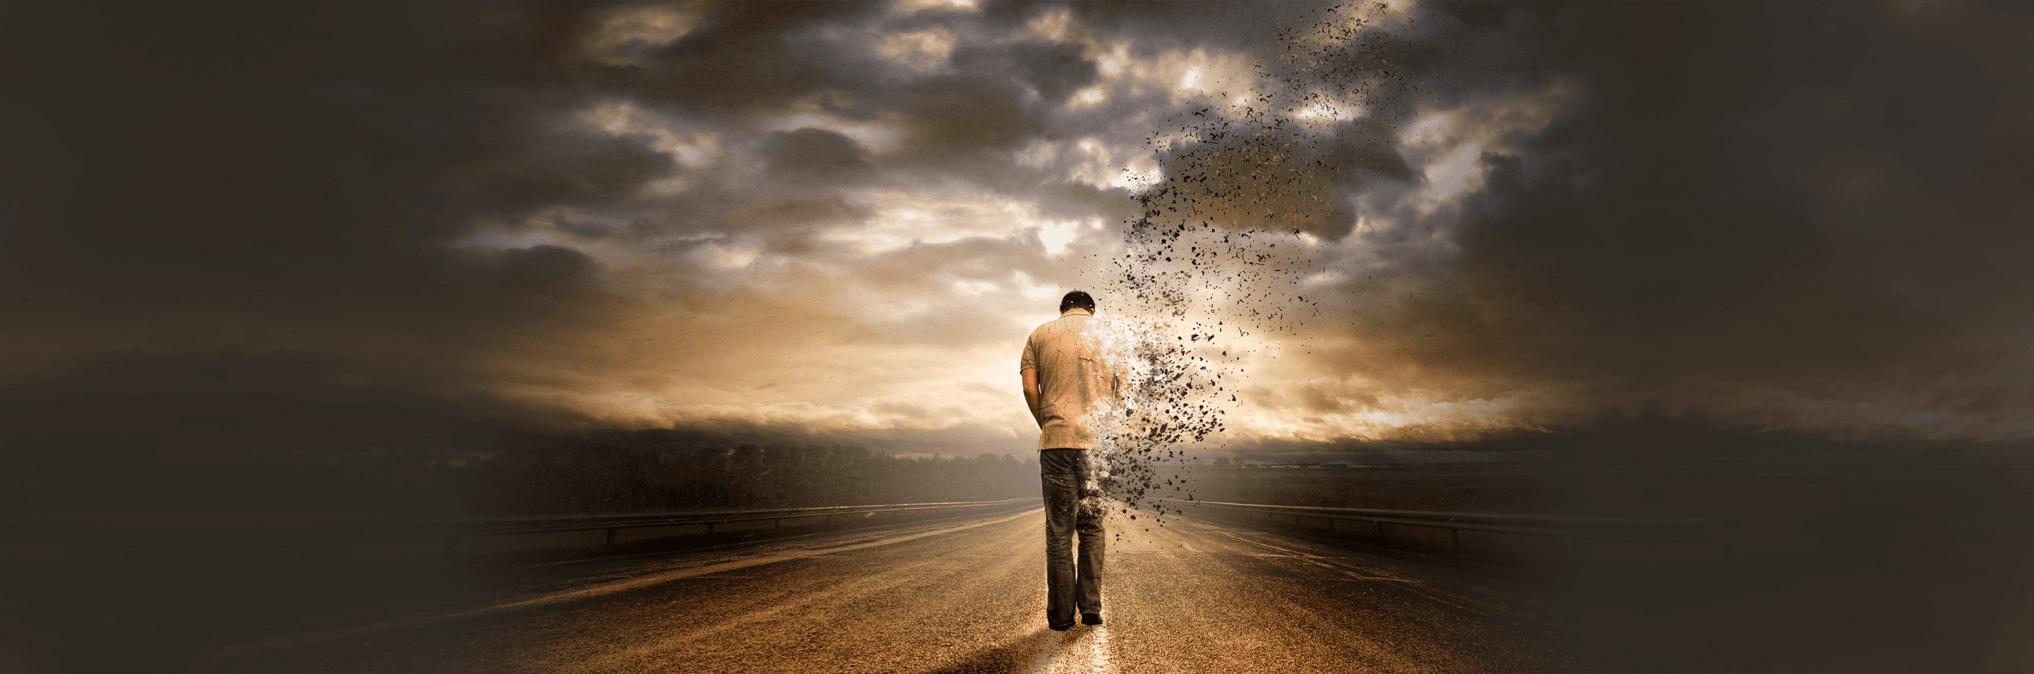 Путь мужского саморазрушения